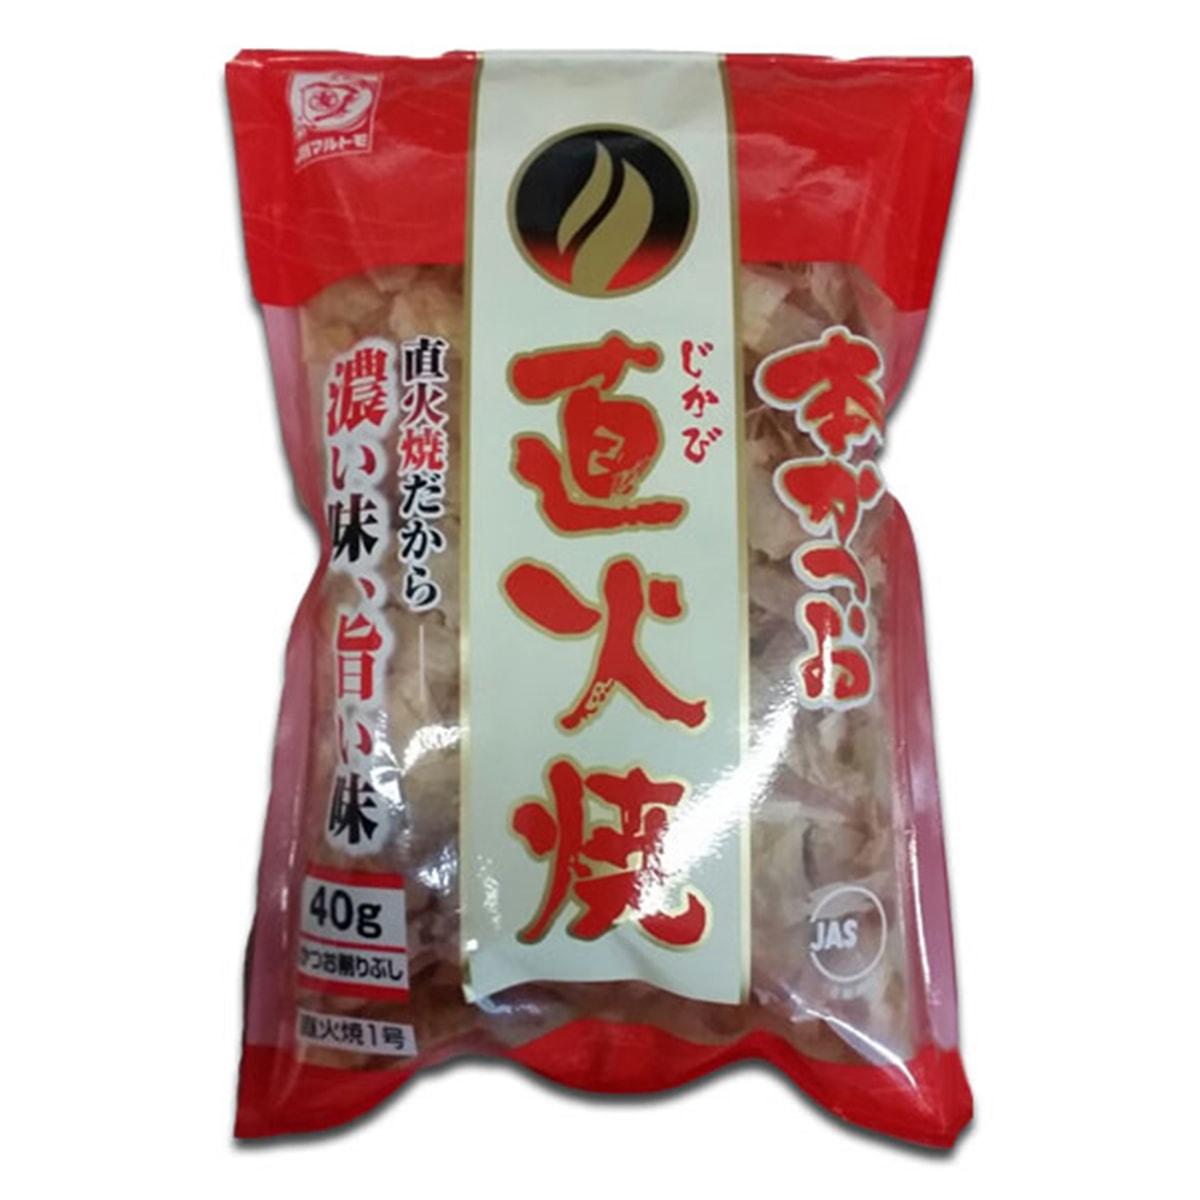 Buy Katsuobushi Dried and Smoked Bonito Flakes - 40 gm